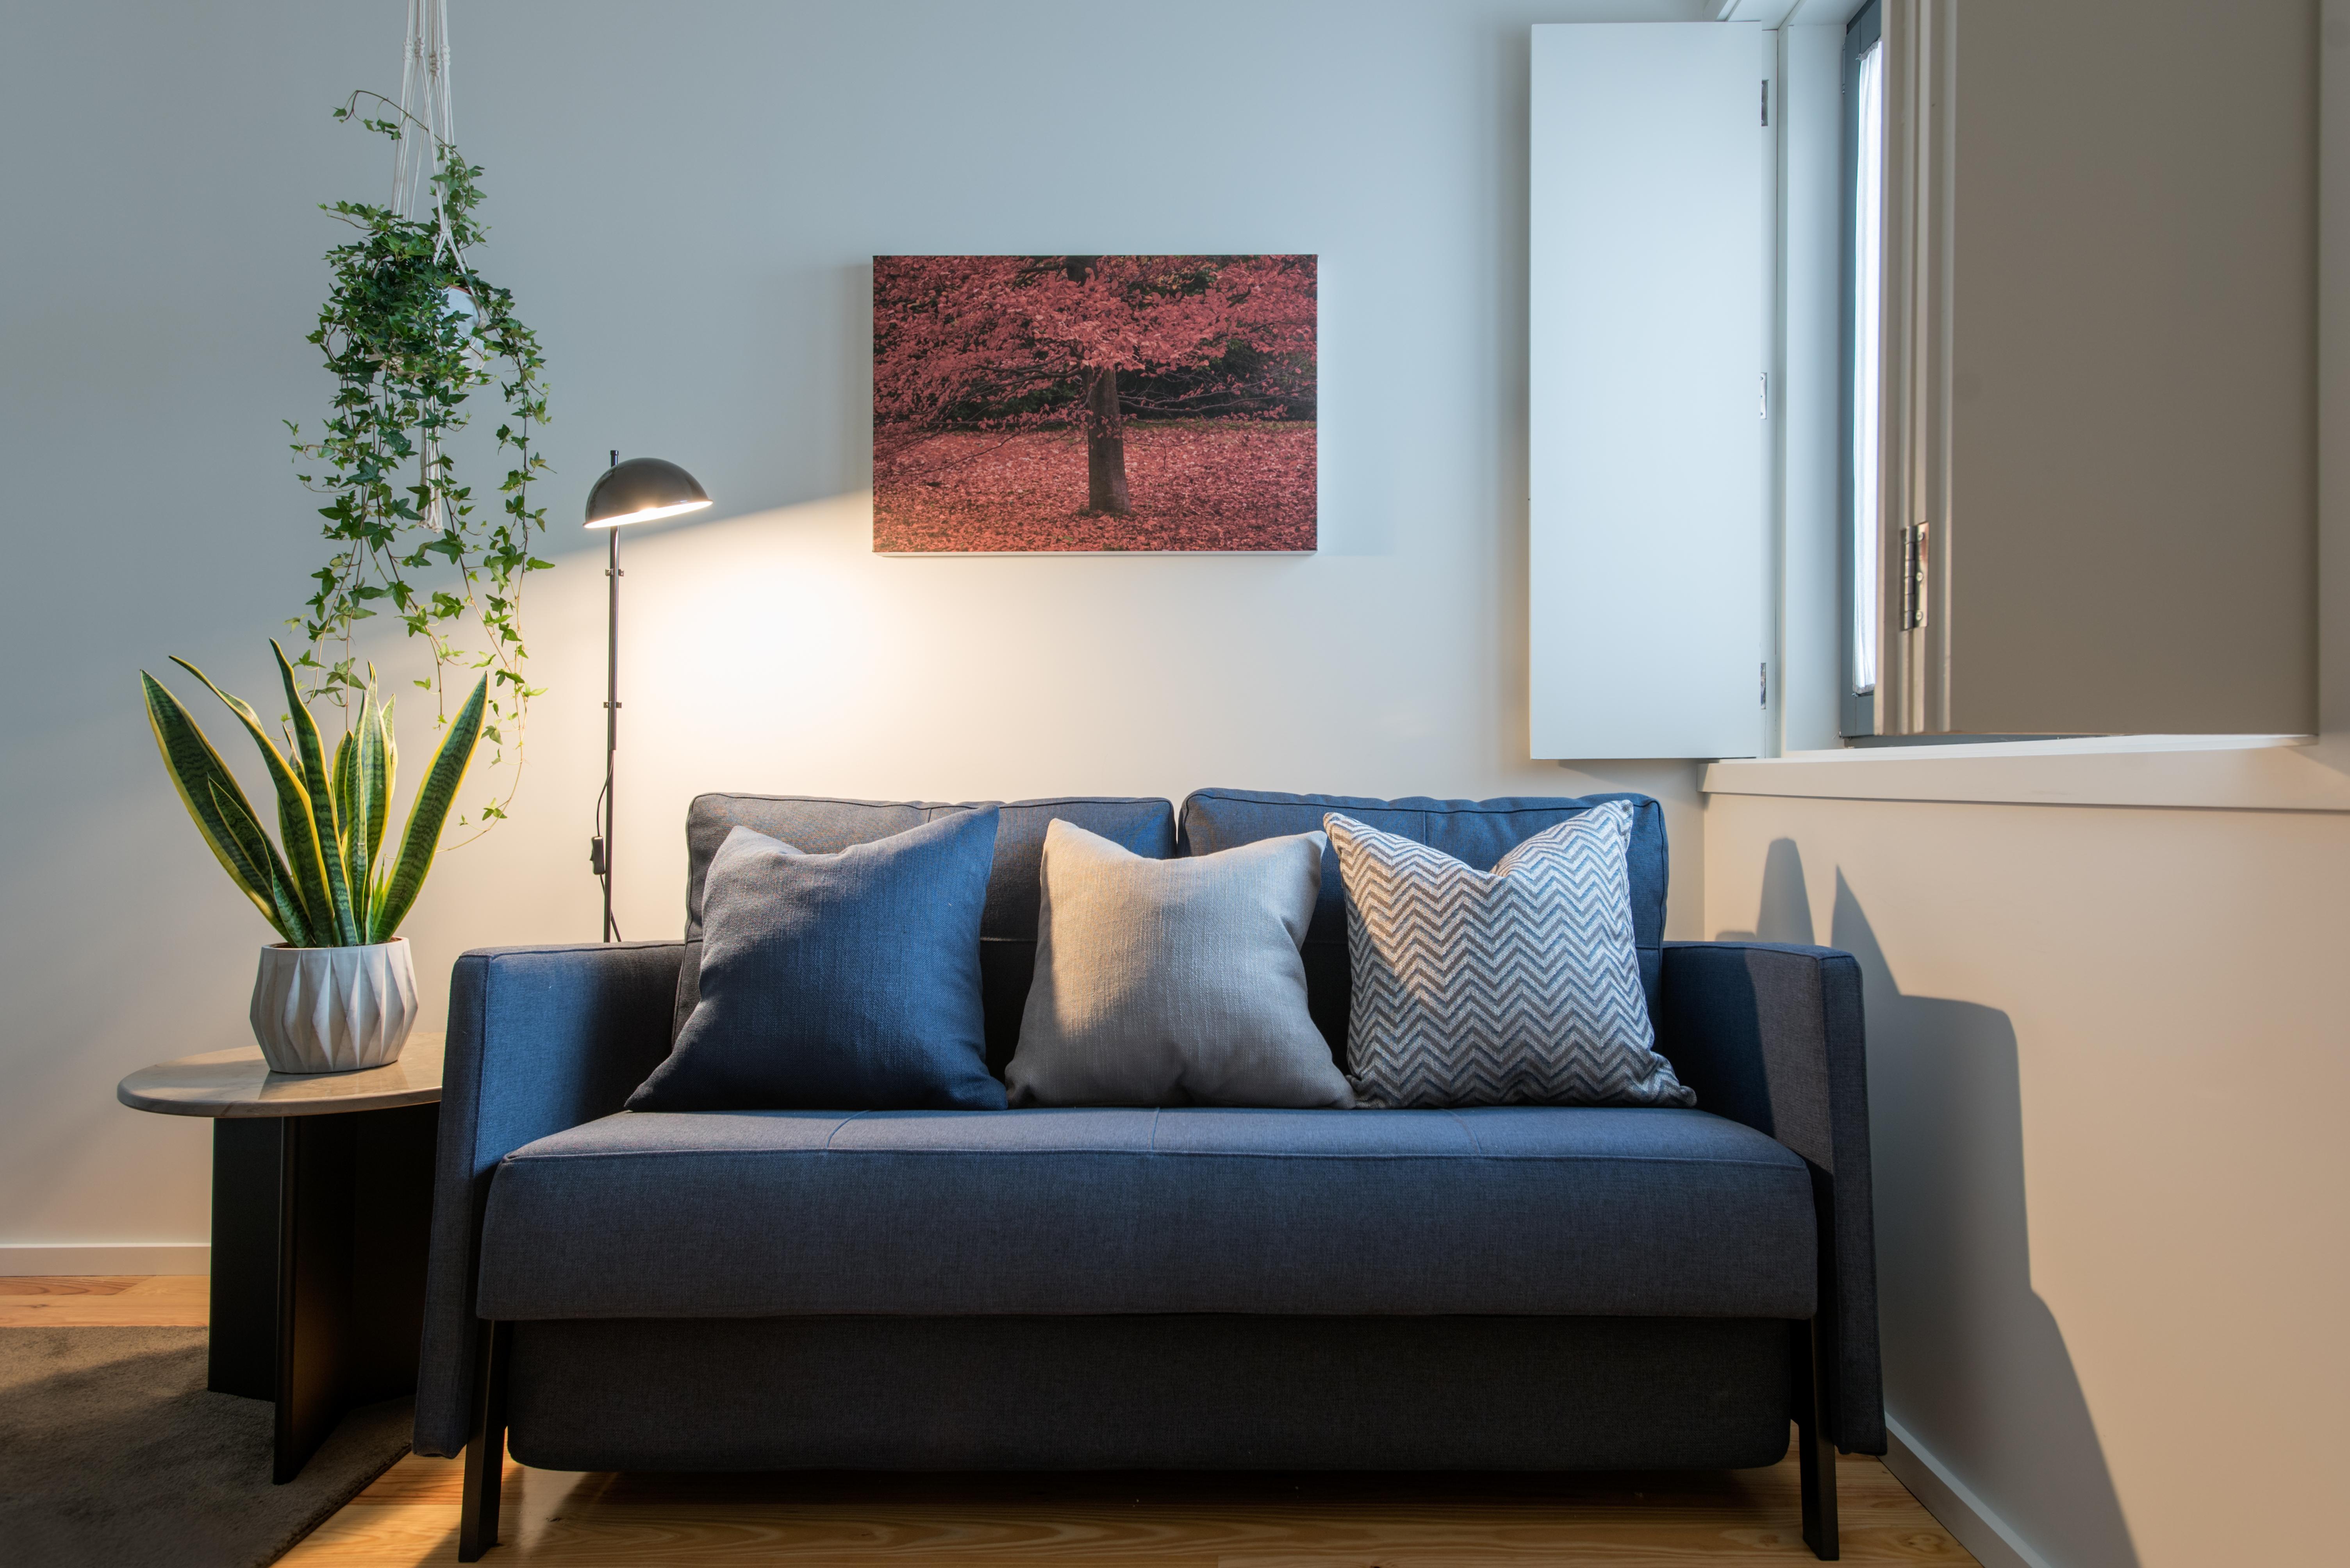 OSA AC pormenor sofa cama